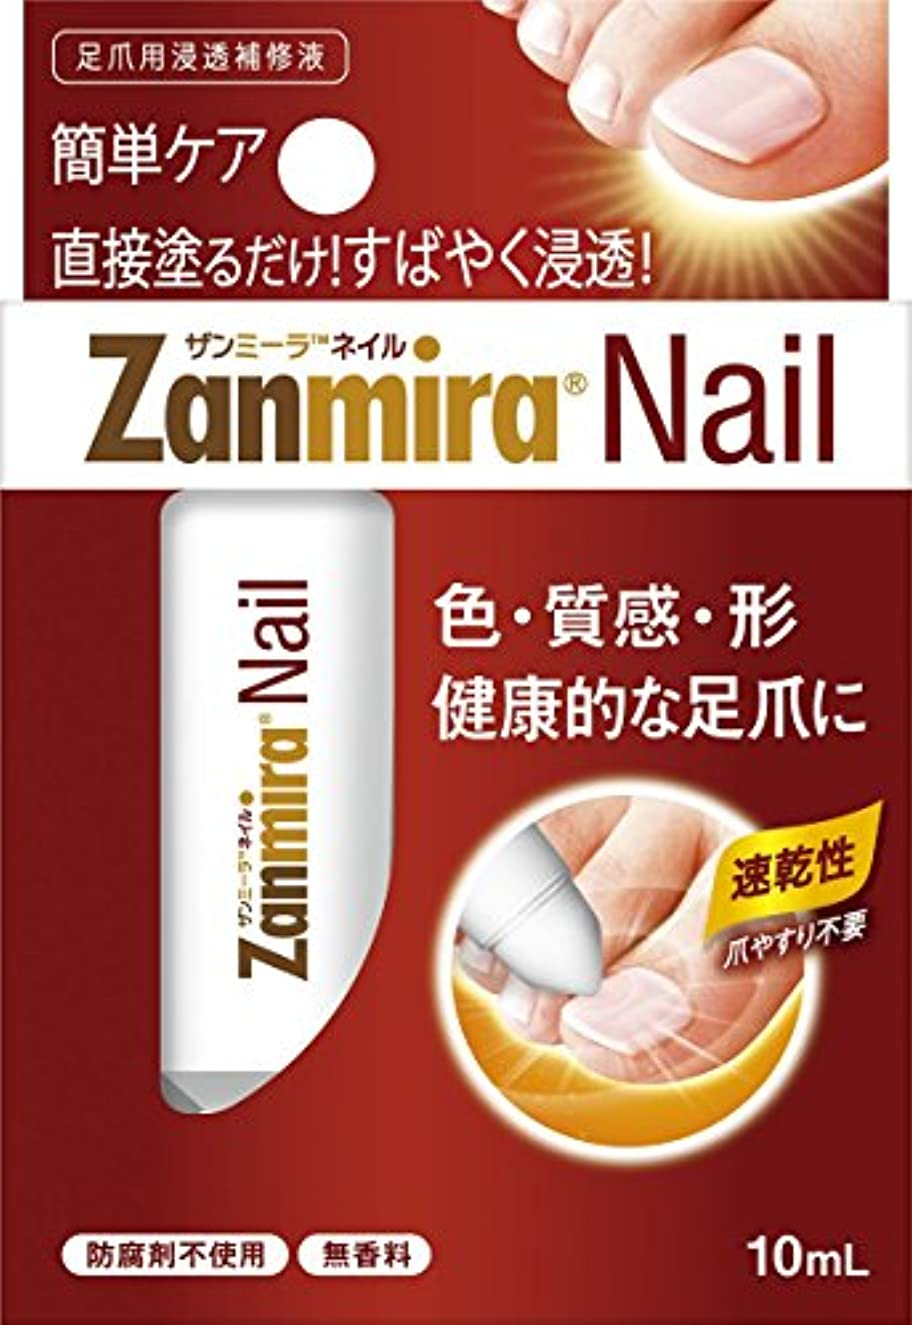 確かめる中で記念碑ザンミーラ ネイル Zanmira Nail 10ml 足爪用浸透補修液